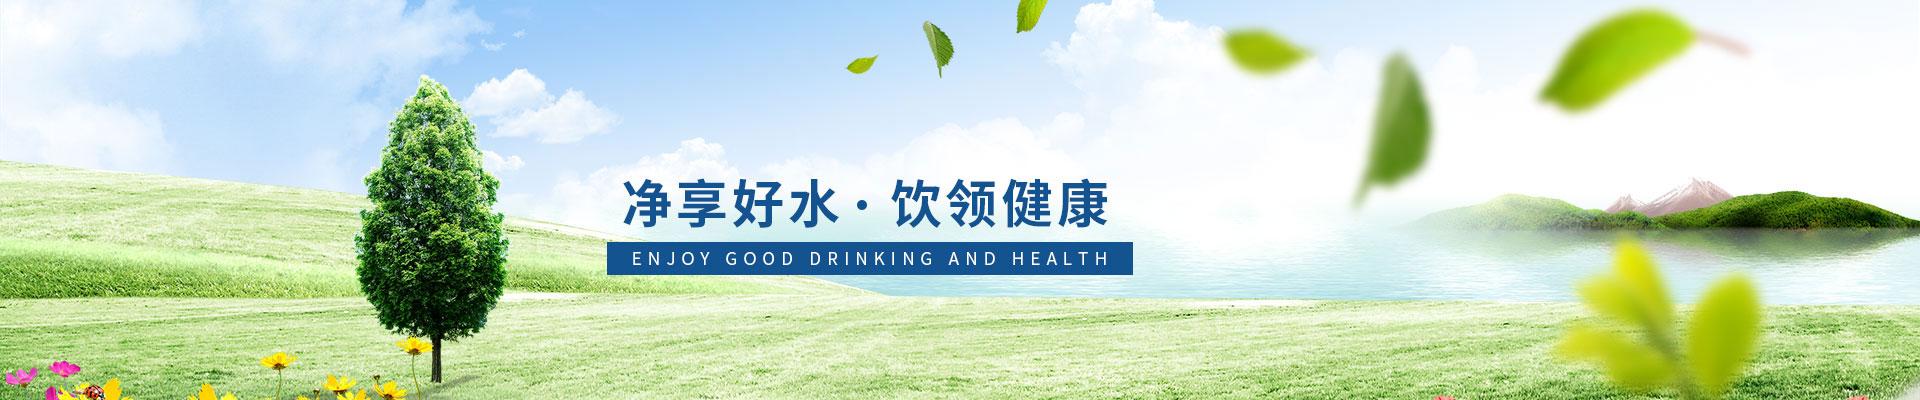 水沐清清净享好水,饮领健康